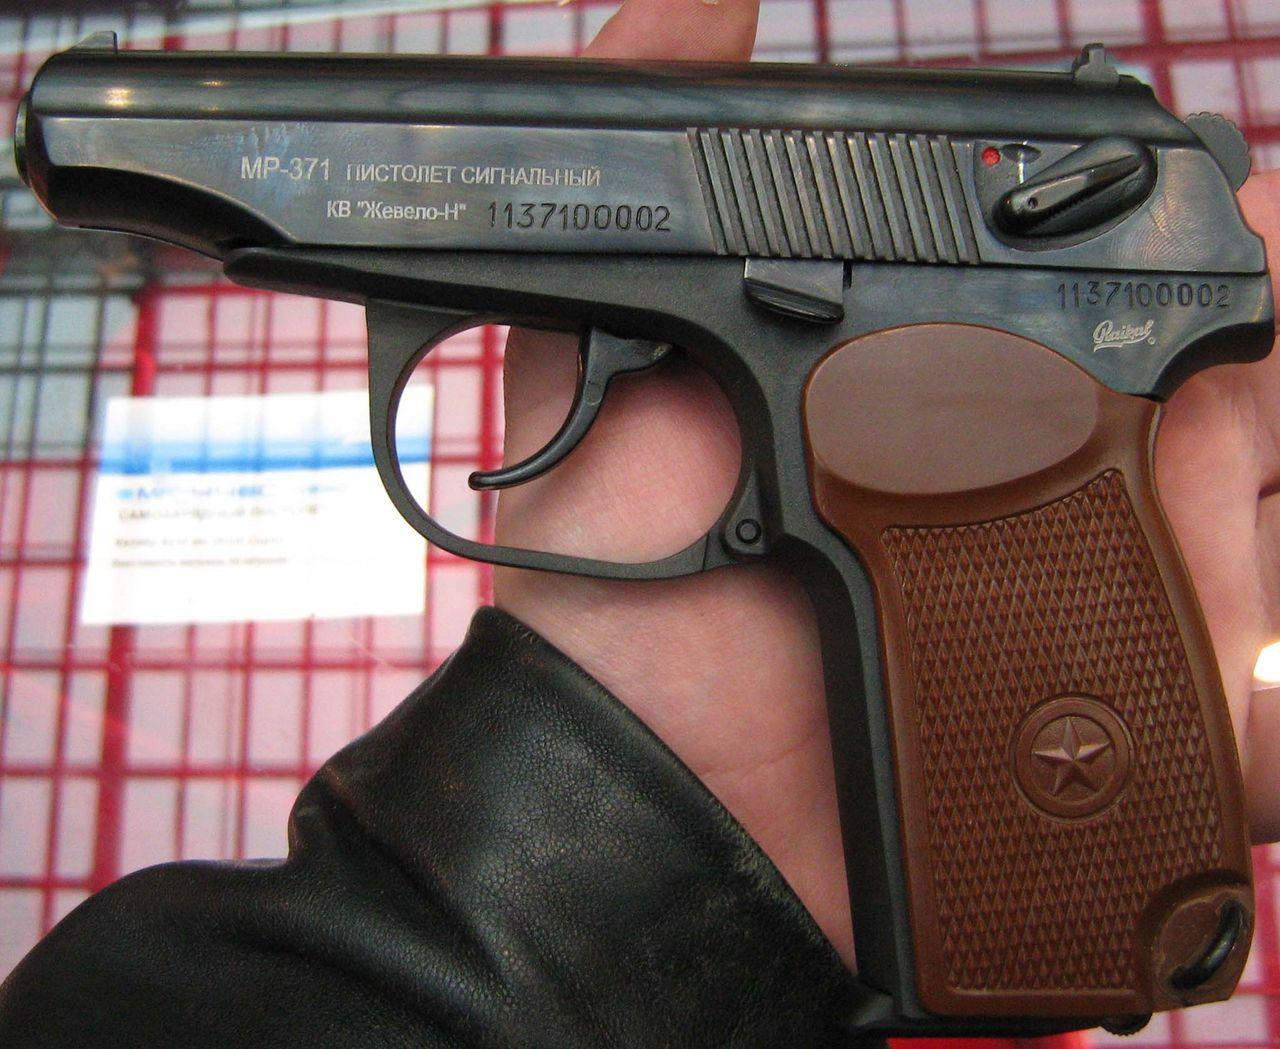 Переделка Сигнального Пистолета Под Боевой